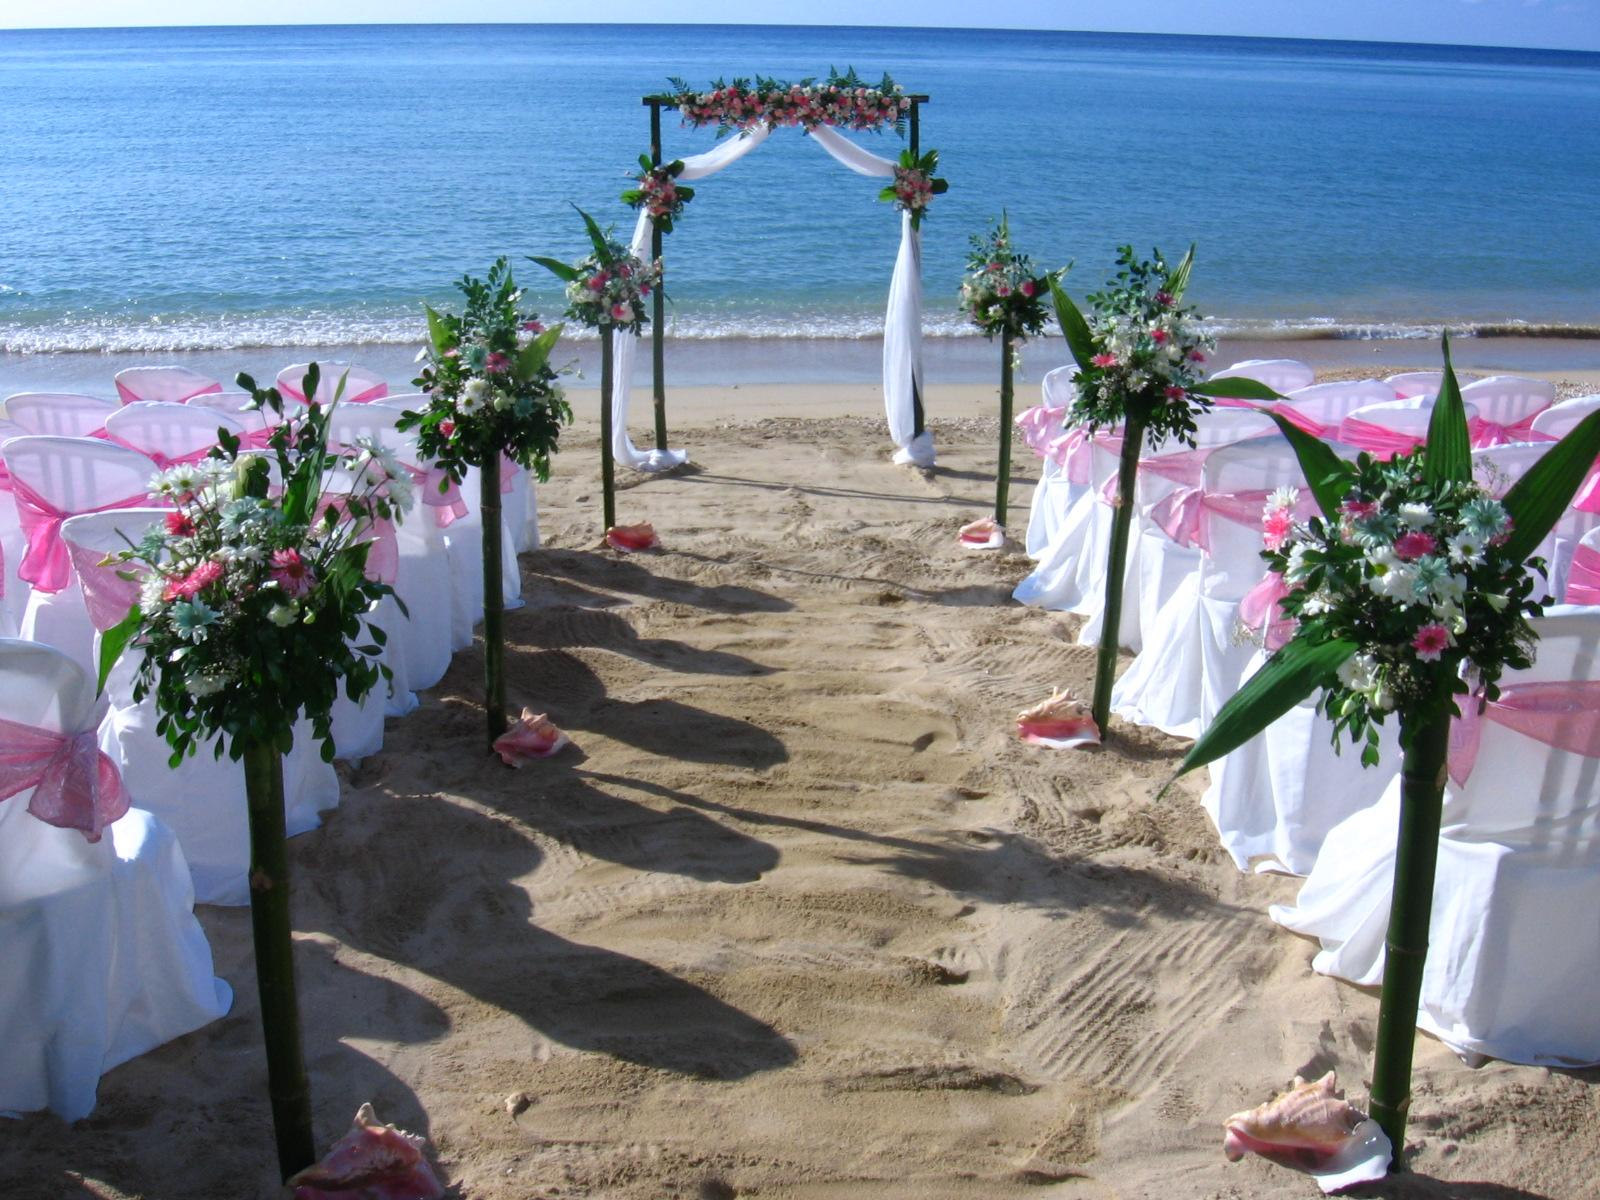 Beach wedding - Obrázok č. 43